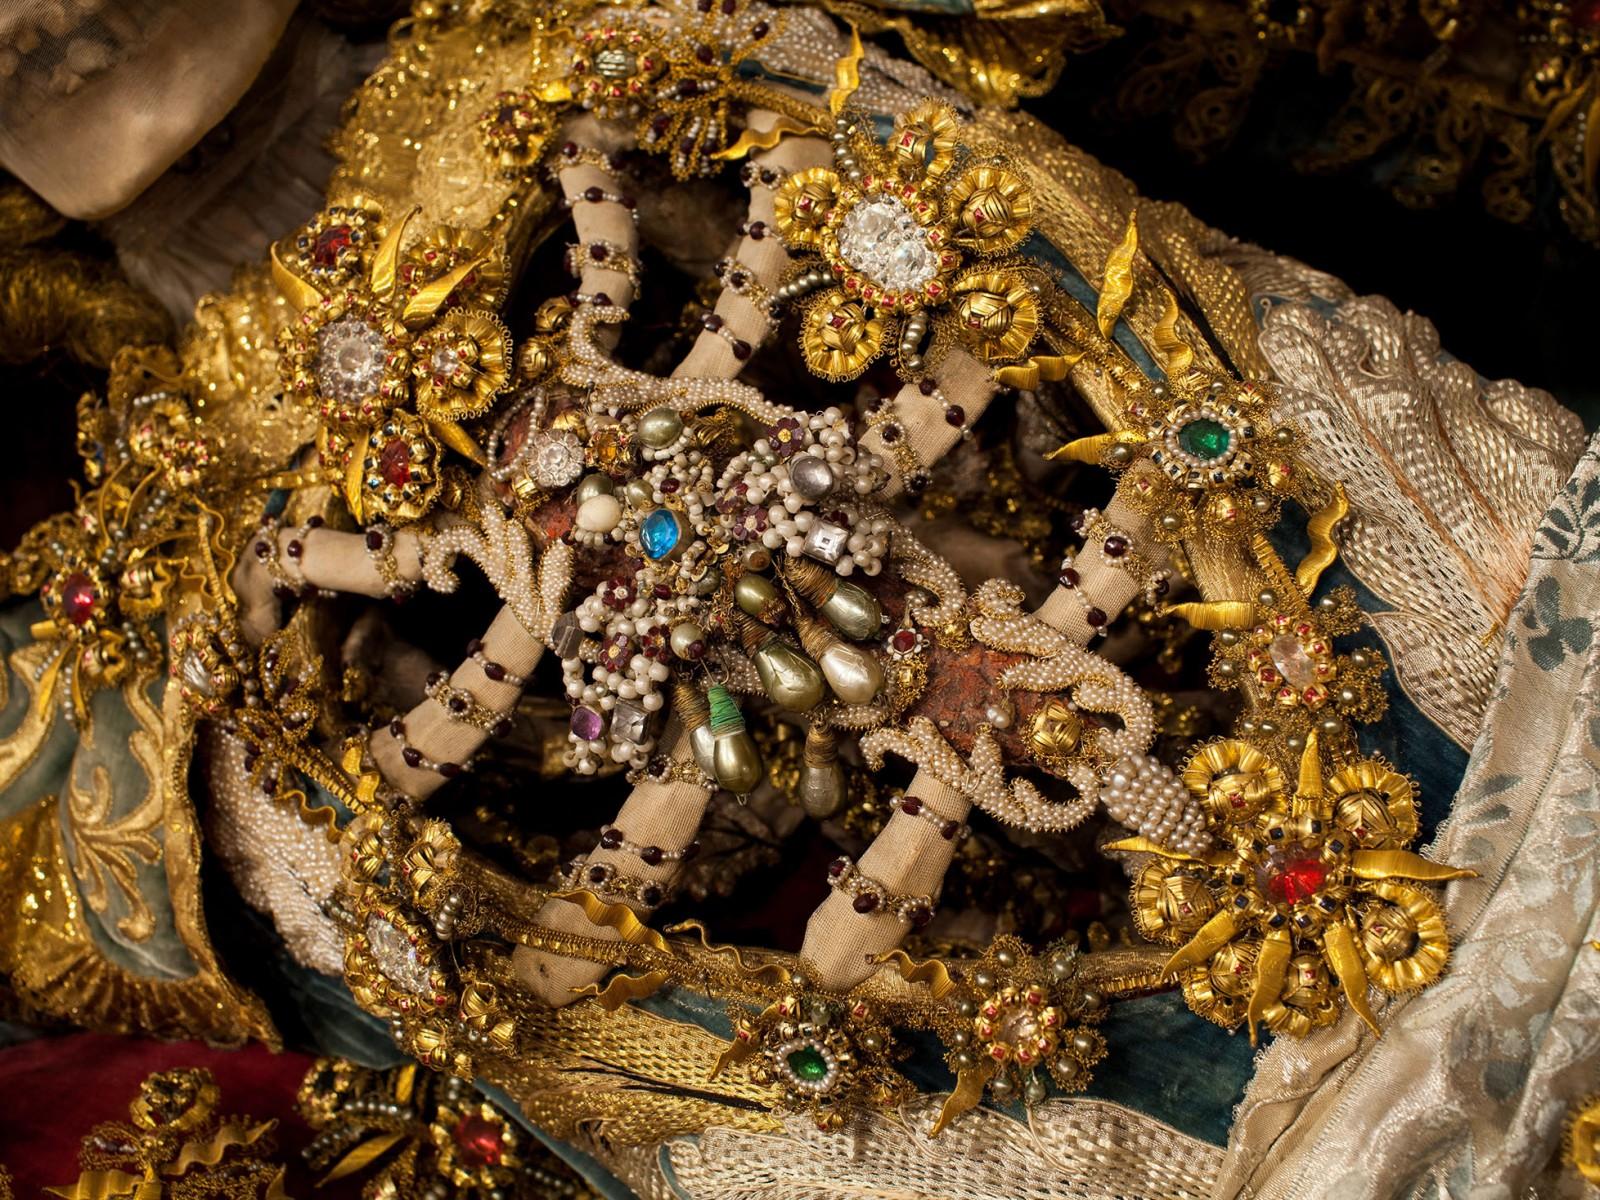 Конвейер бриллиантовых скелетов NL_Issue_04_03_Catacomb_Saints_05_1_landscape_large.jpg